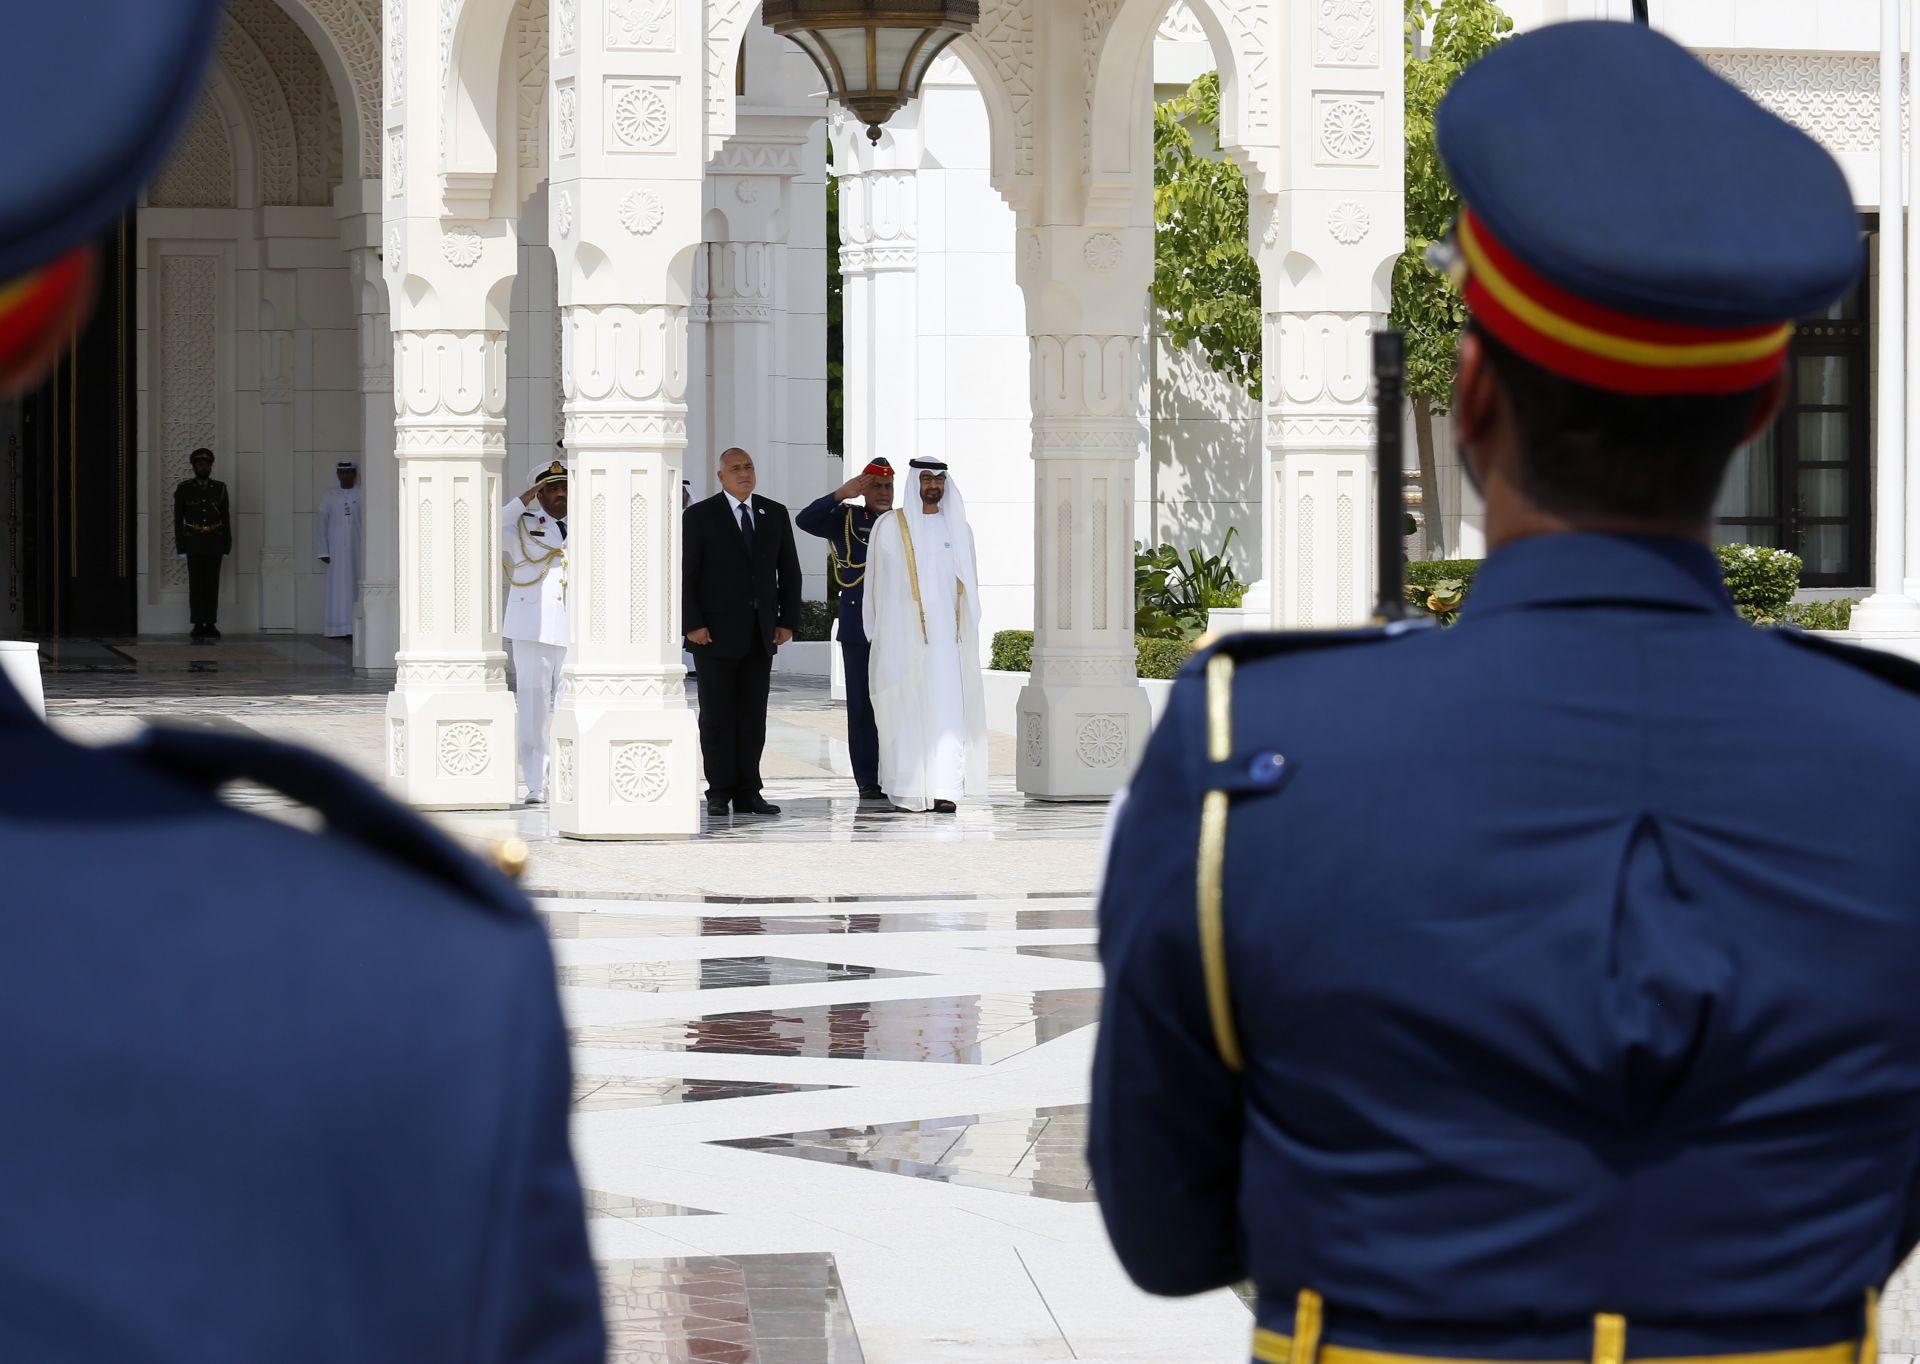 Премиерът се срещна с престолонаследника на Абу Даби